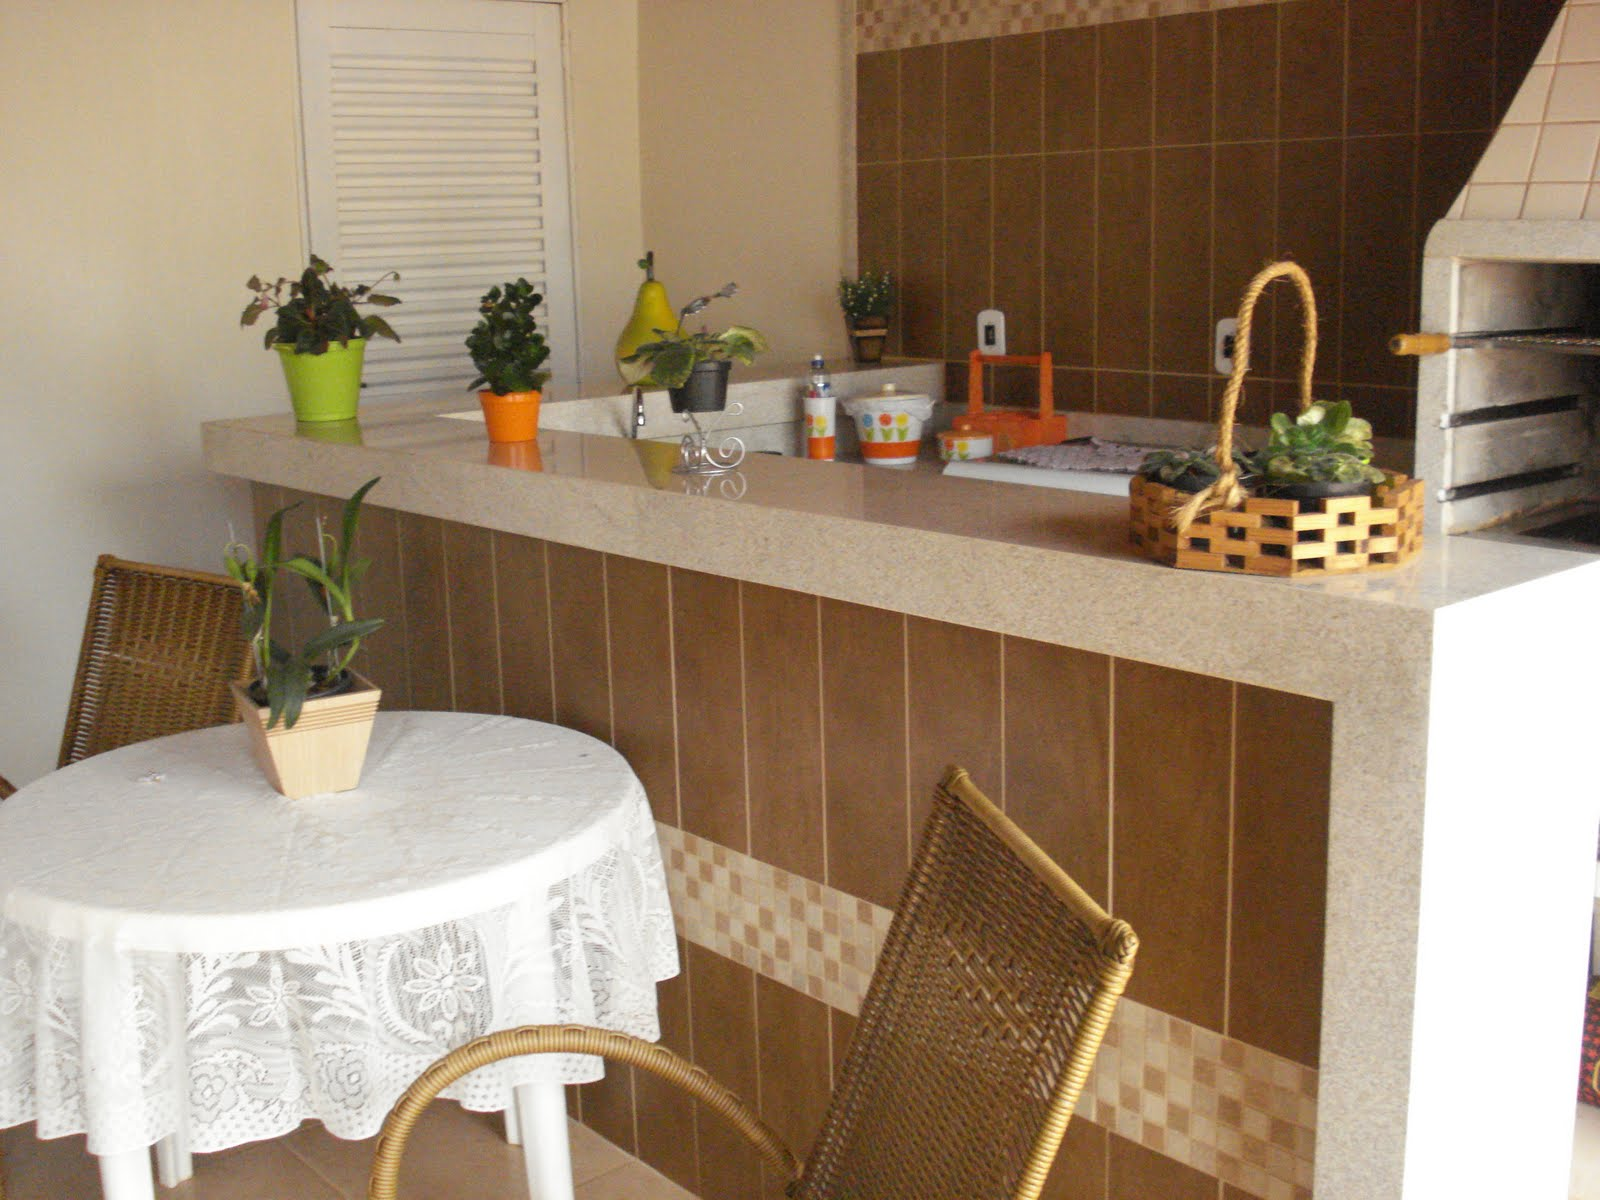 Cozinhas Com Balcao 7 Car Interior Design #92A229 1600 1200